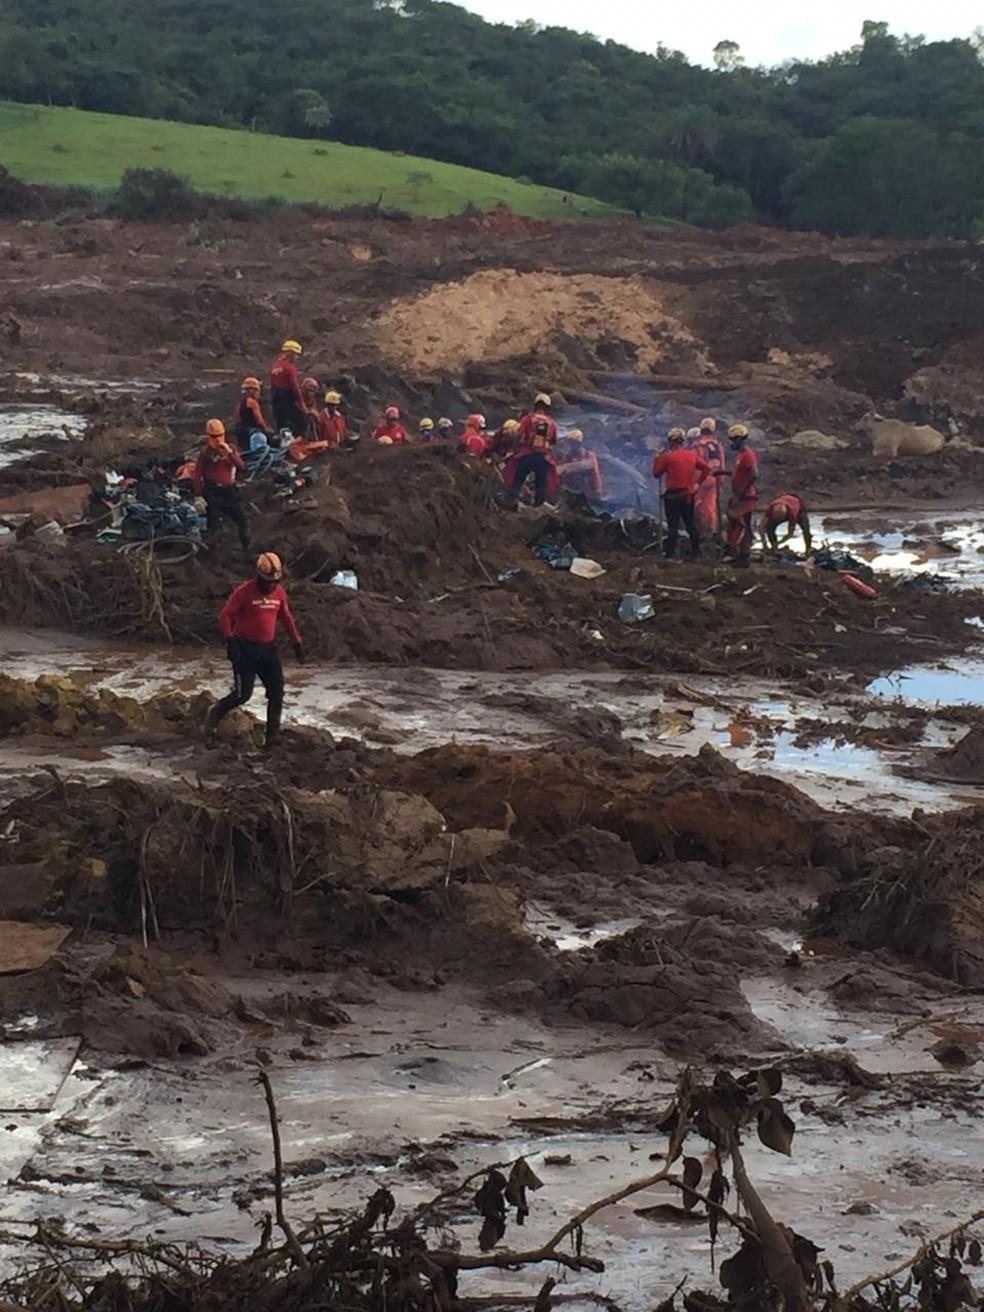 Bombeiros resgatam corpos em ônibus encontrado na lama em Brumadinho (MG) — Foto: Viviane Possato/TV Globo Minas